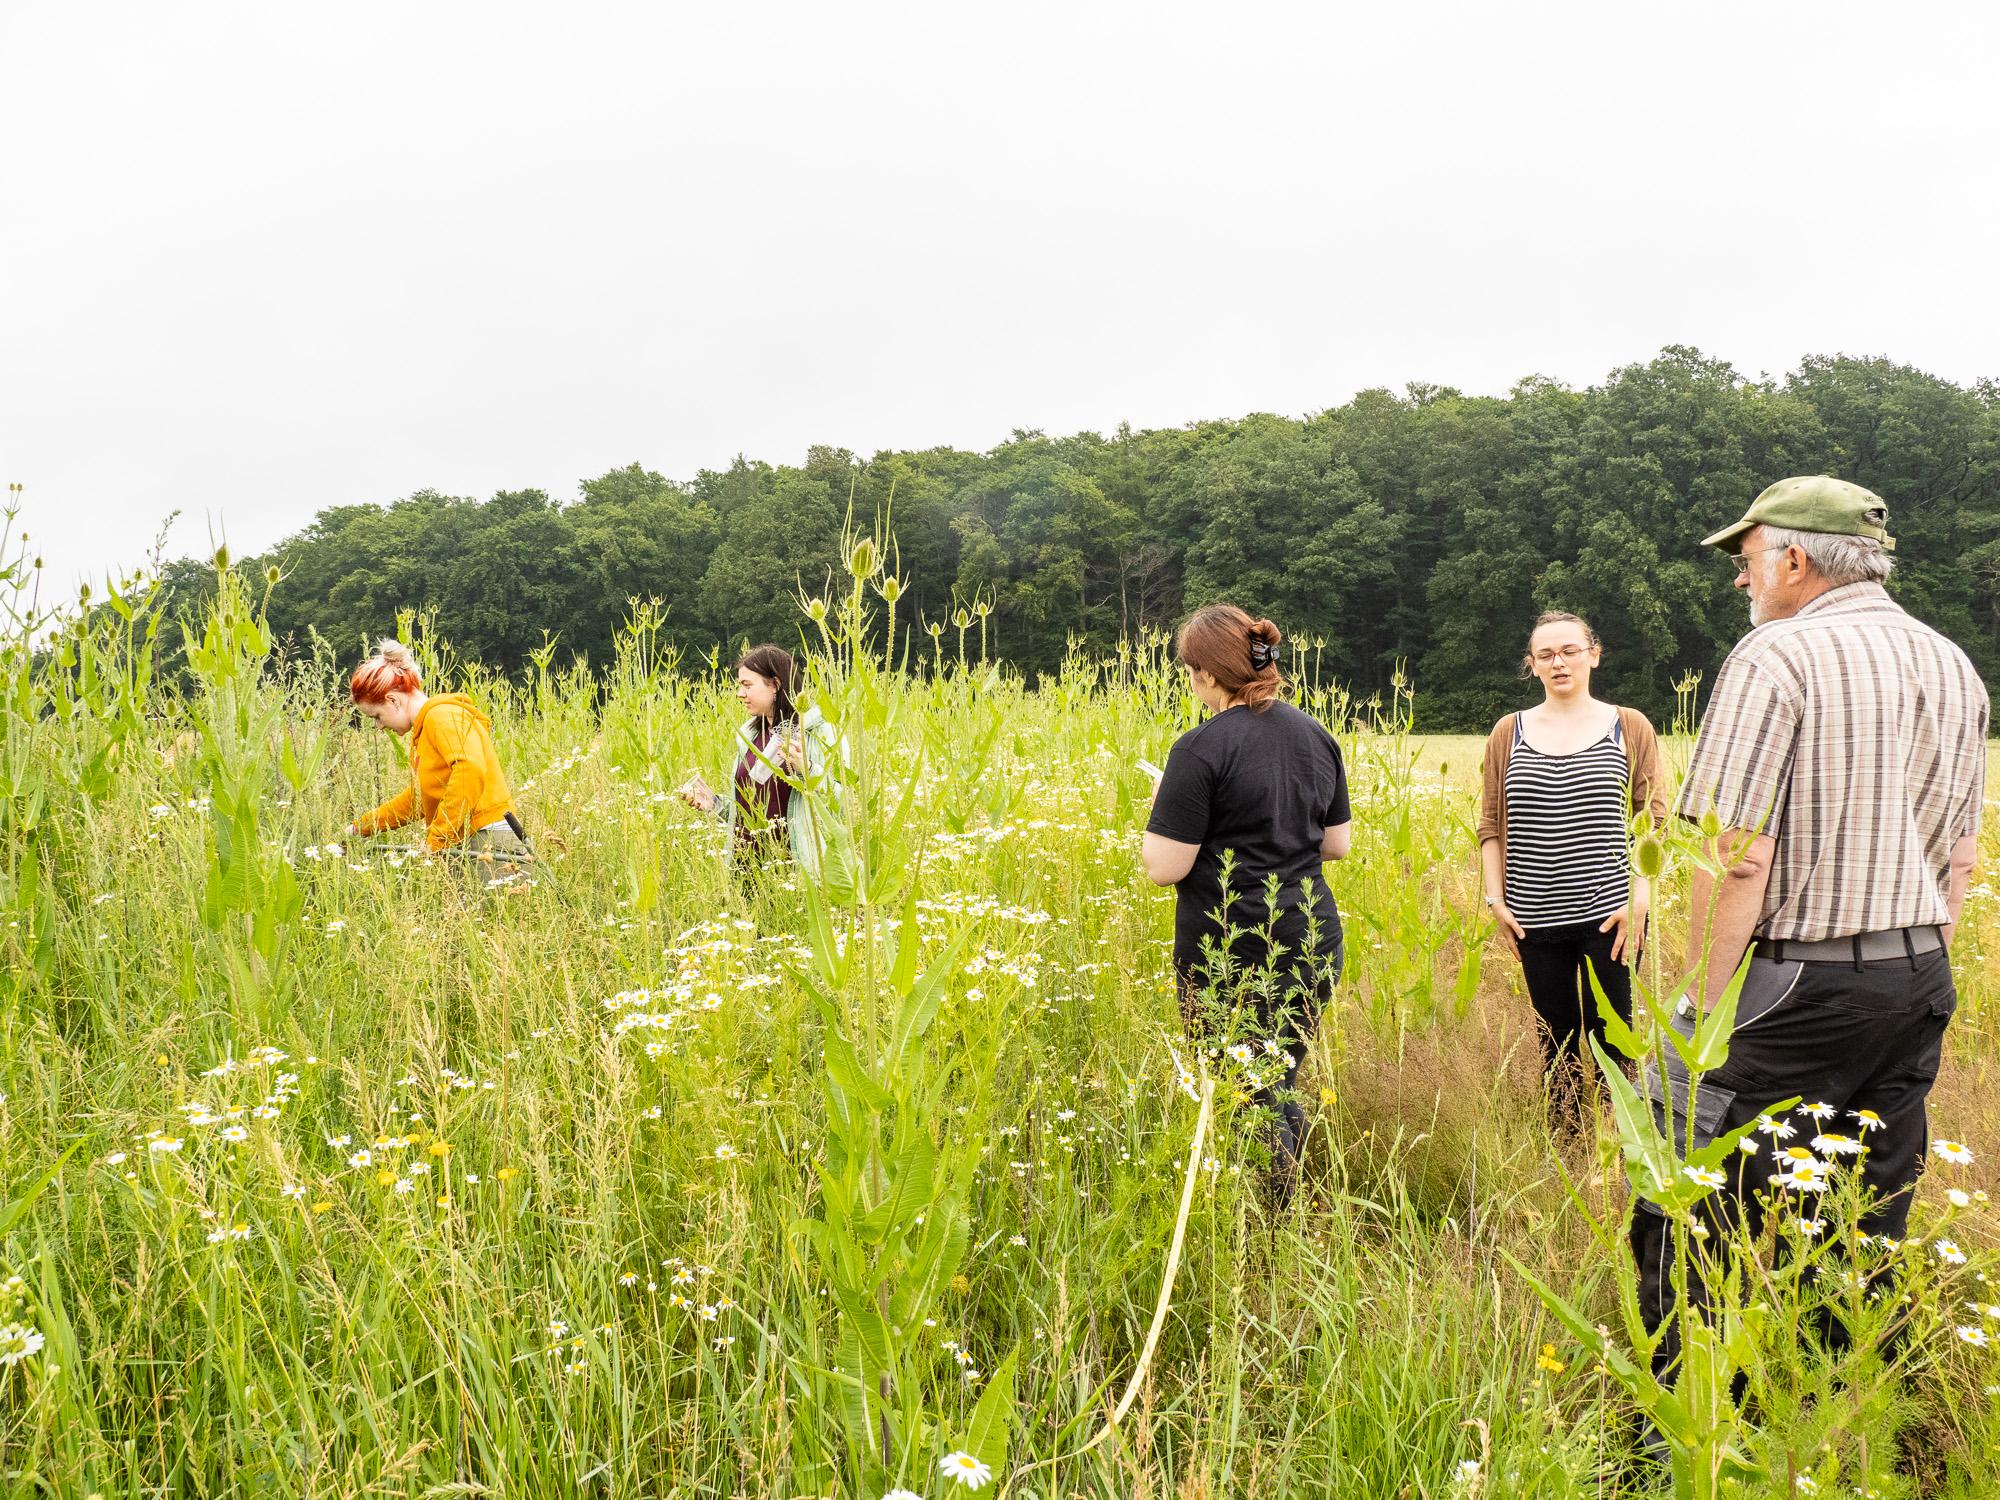 Arbeitsgruppe auf einer Blühfläche